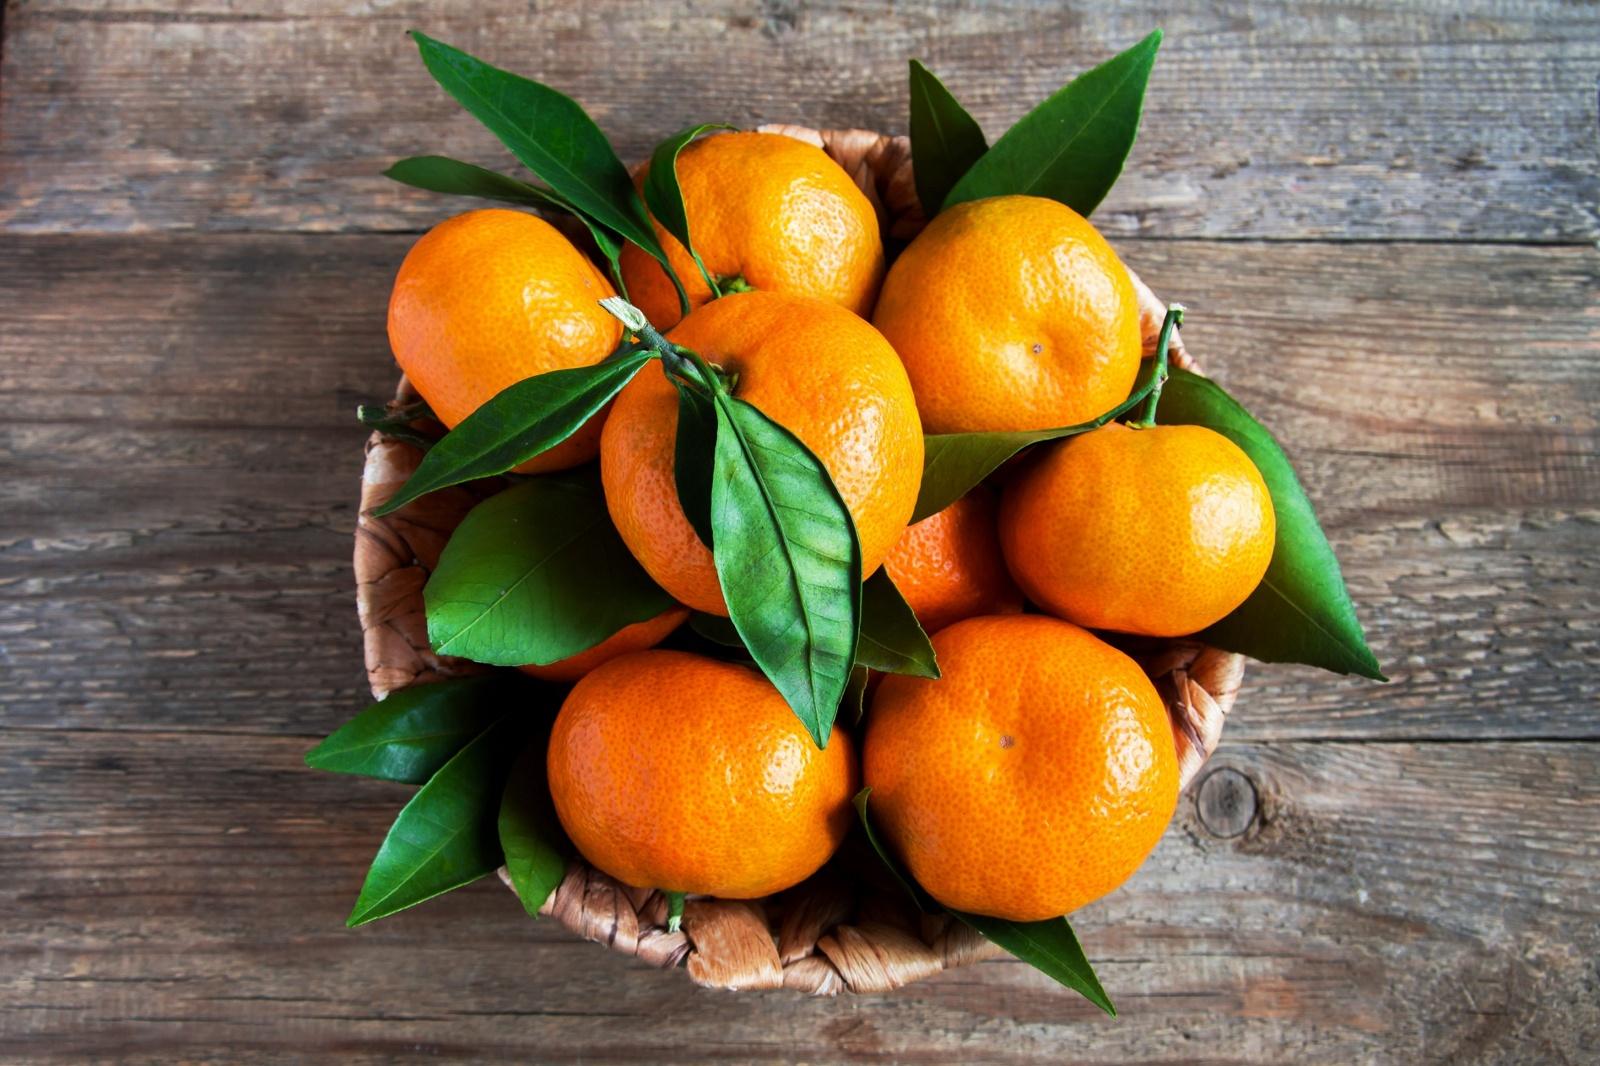 Mandarinų sezonas jau čia: ko dar nežinojote apie šiuos citrusus?